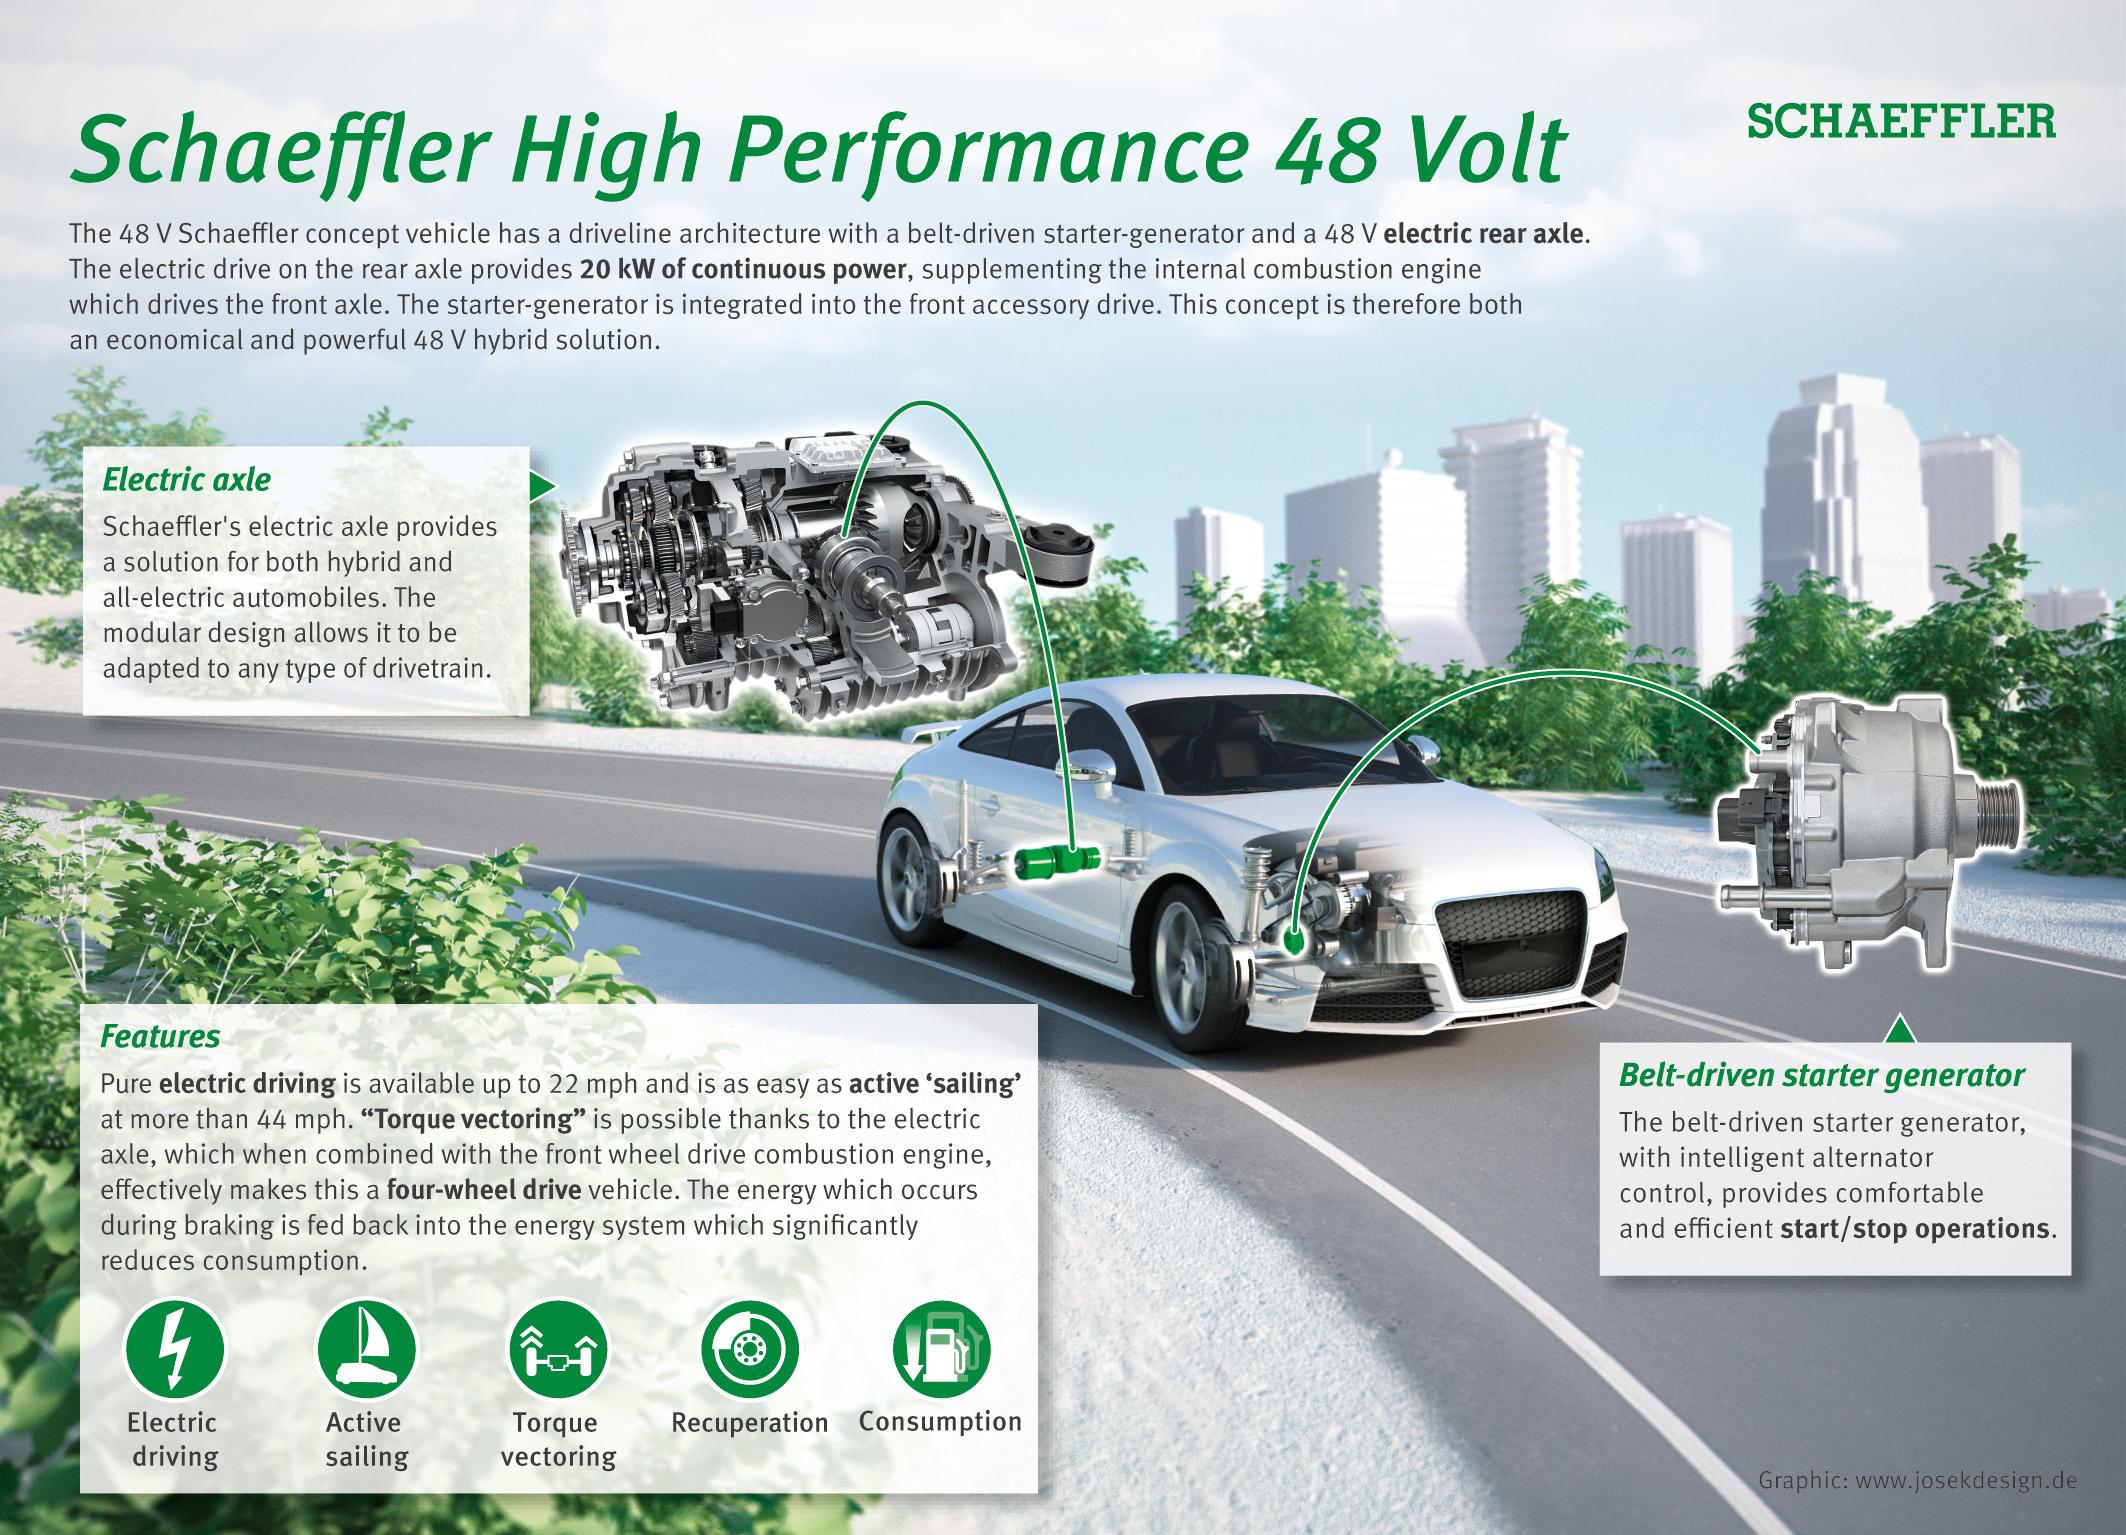 Schaeffler High Performance 48 Volt